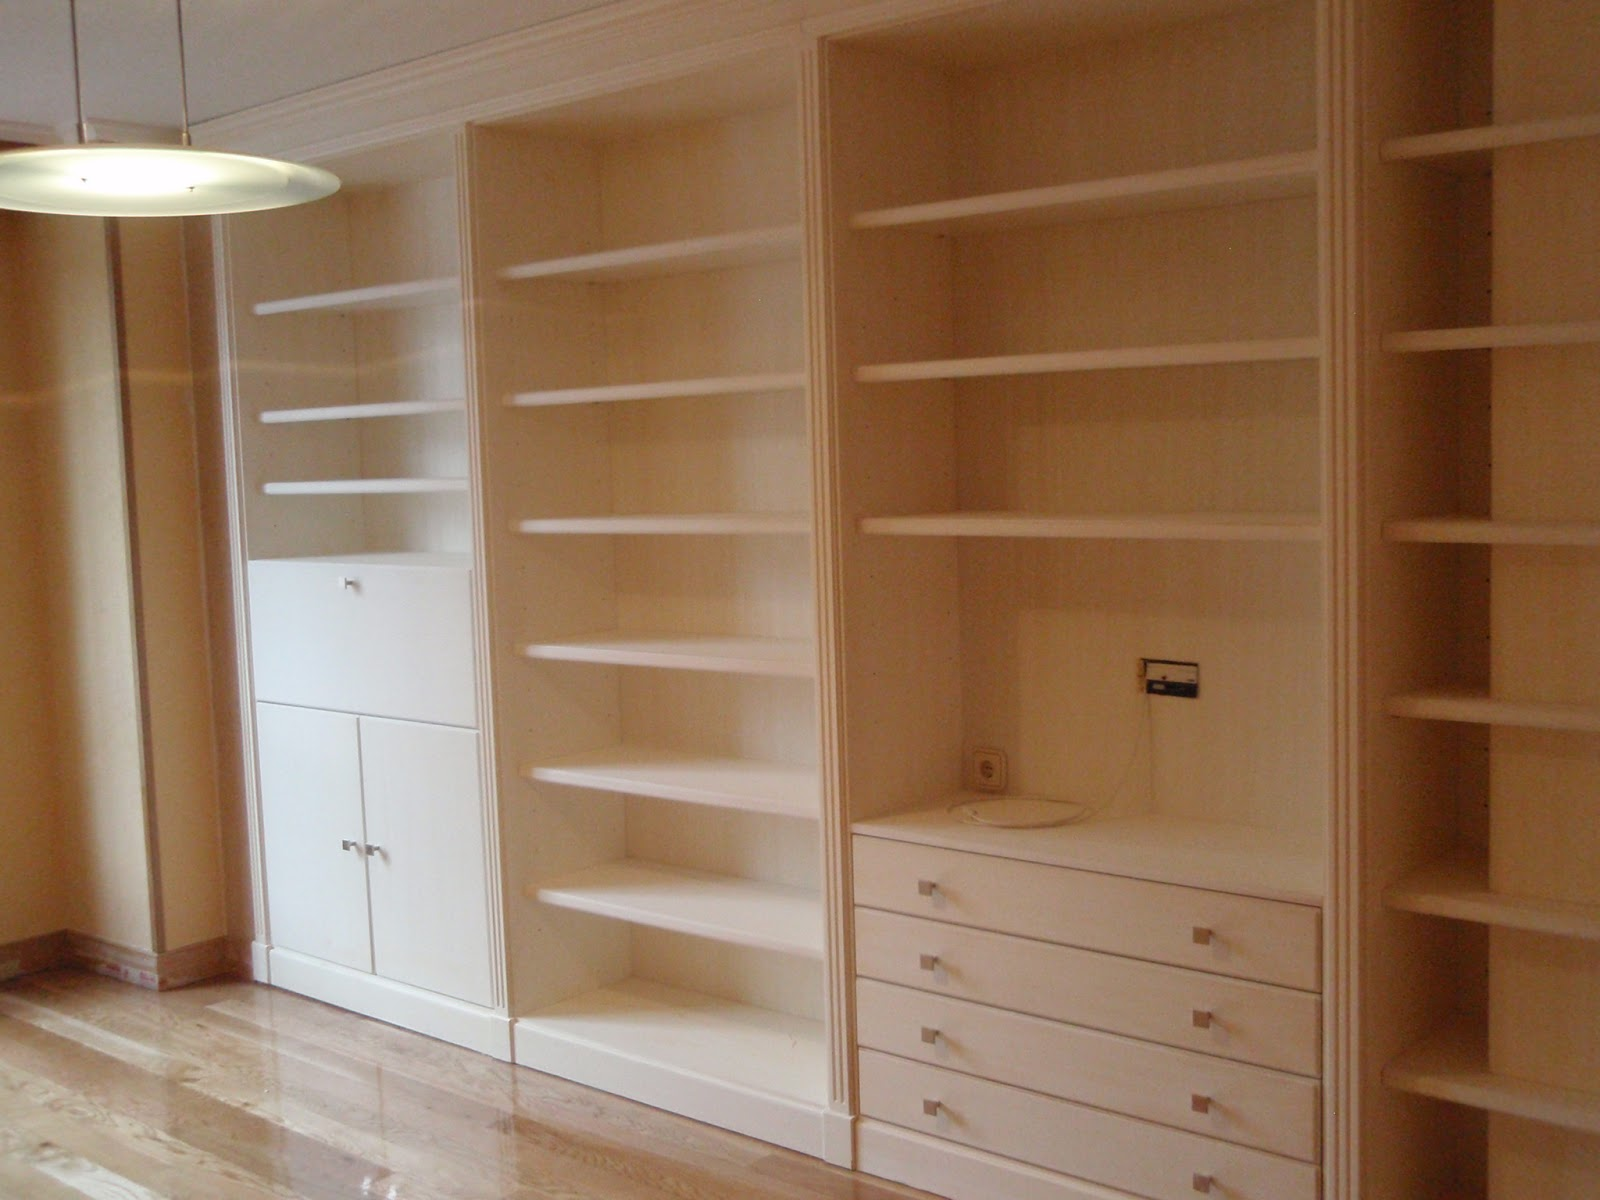 Mueble de pared completa a medida en madera lacada for Carpinteria en madera